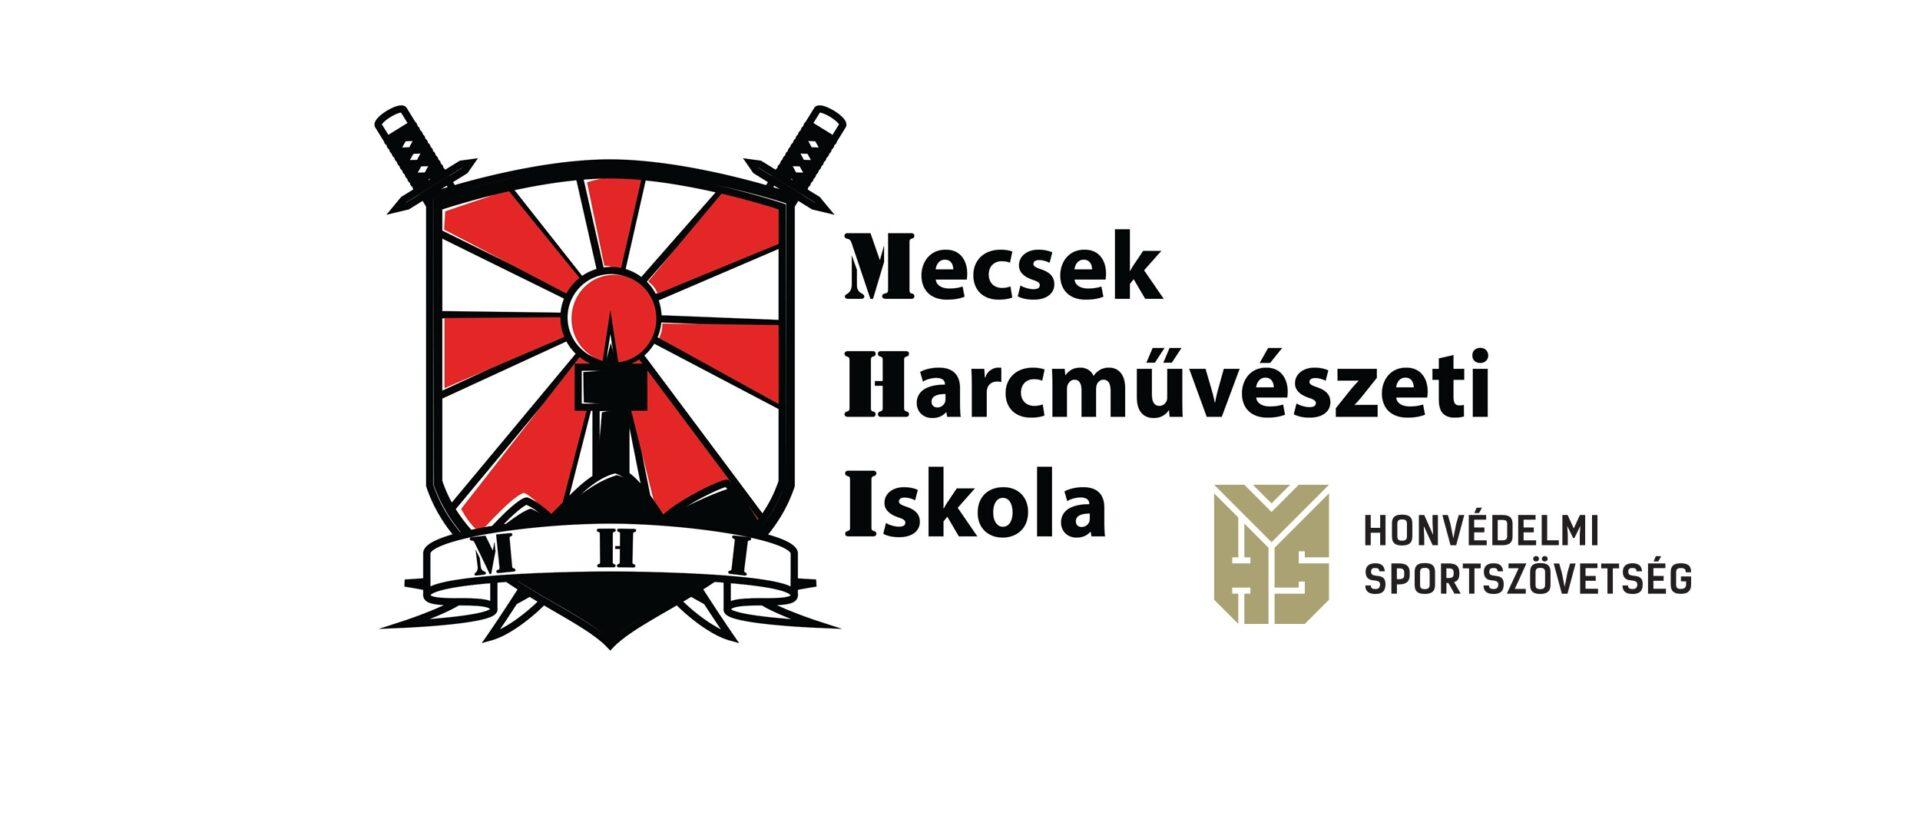 Mecsek Harcművészeti Iskola